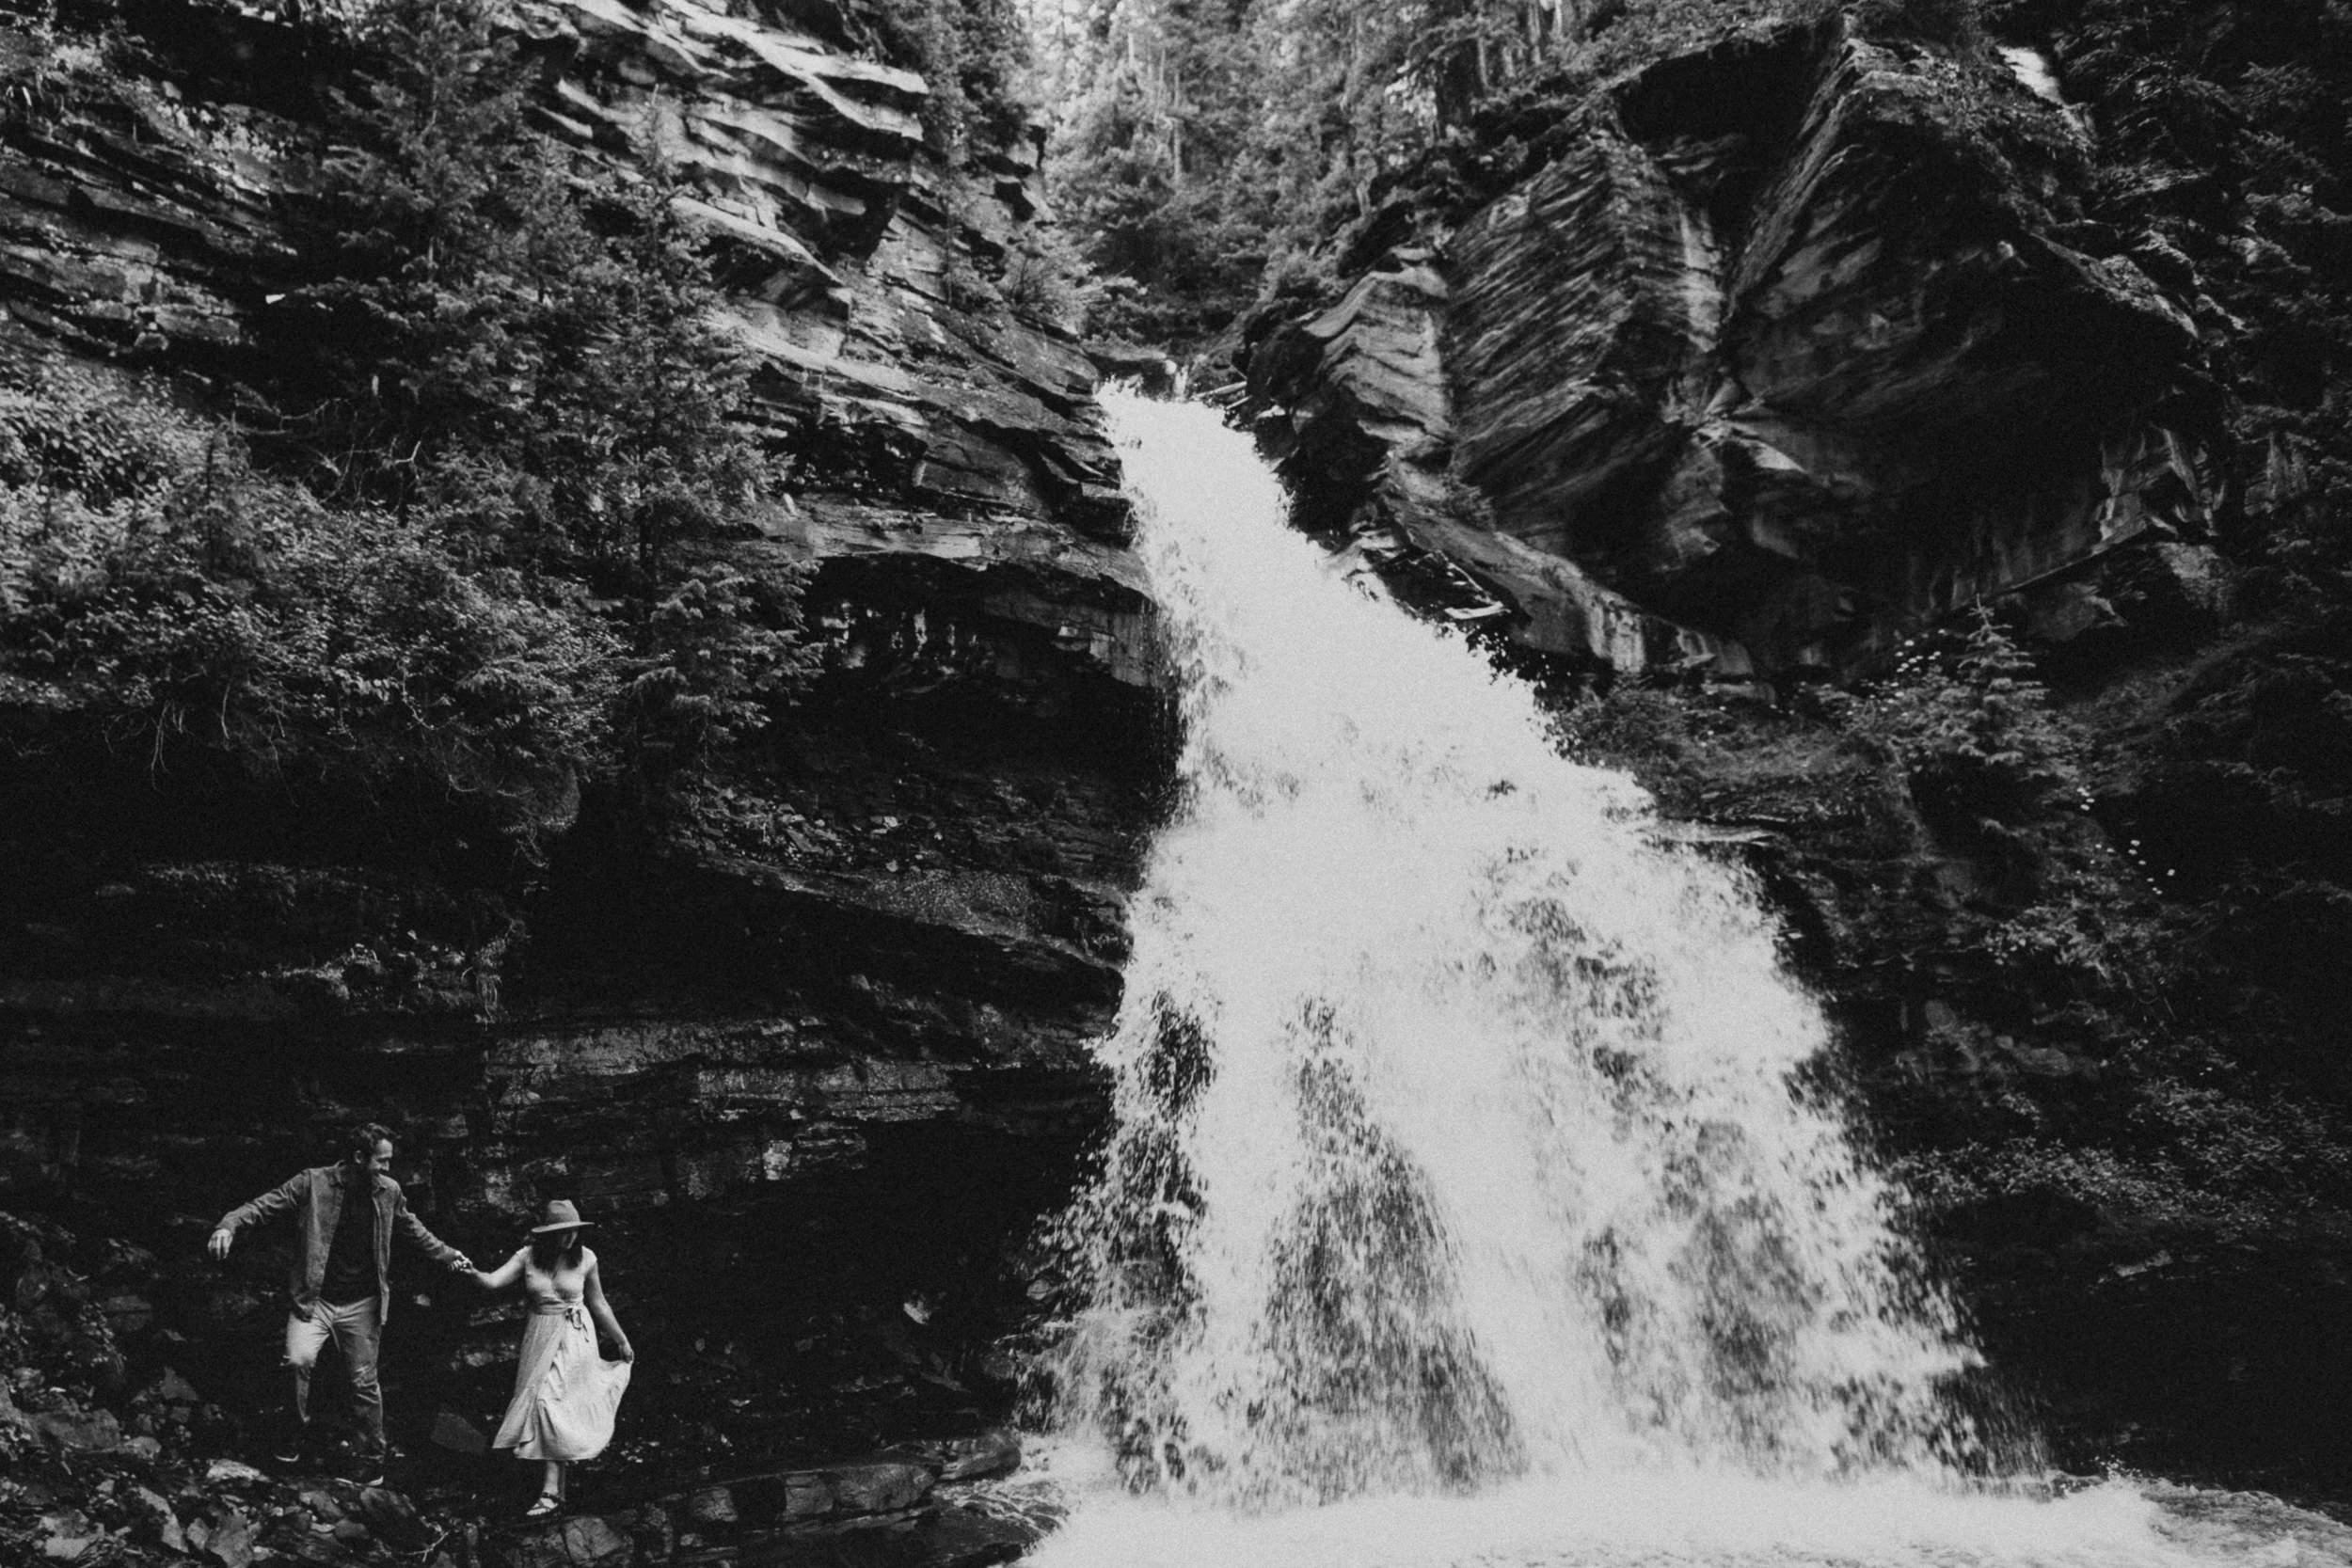 Silverton Waterfall Adventure Photographer